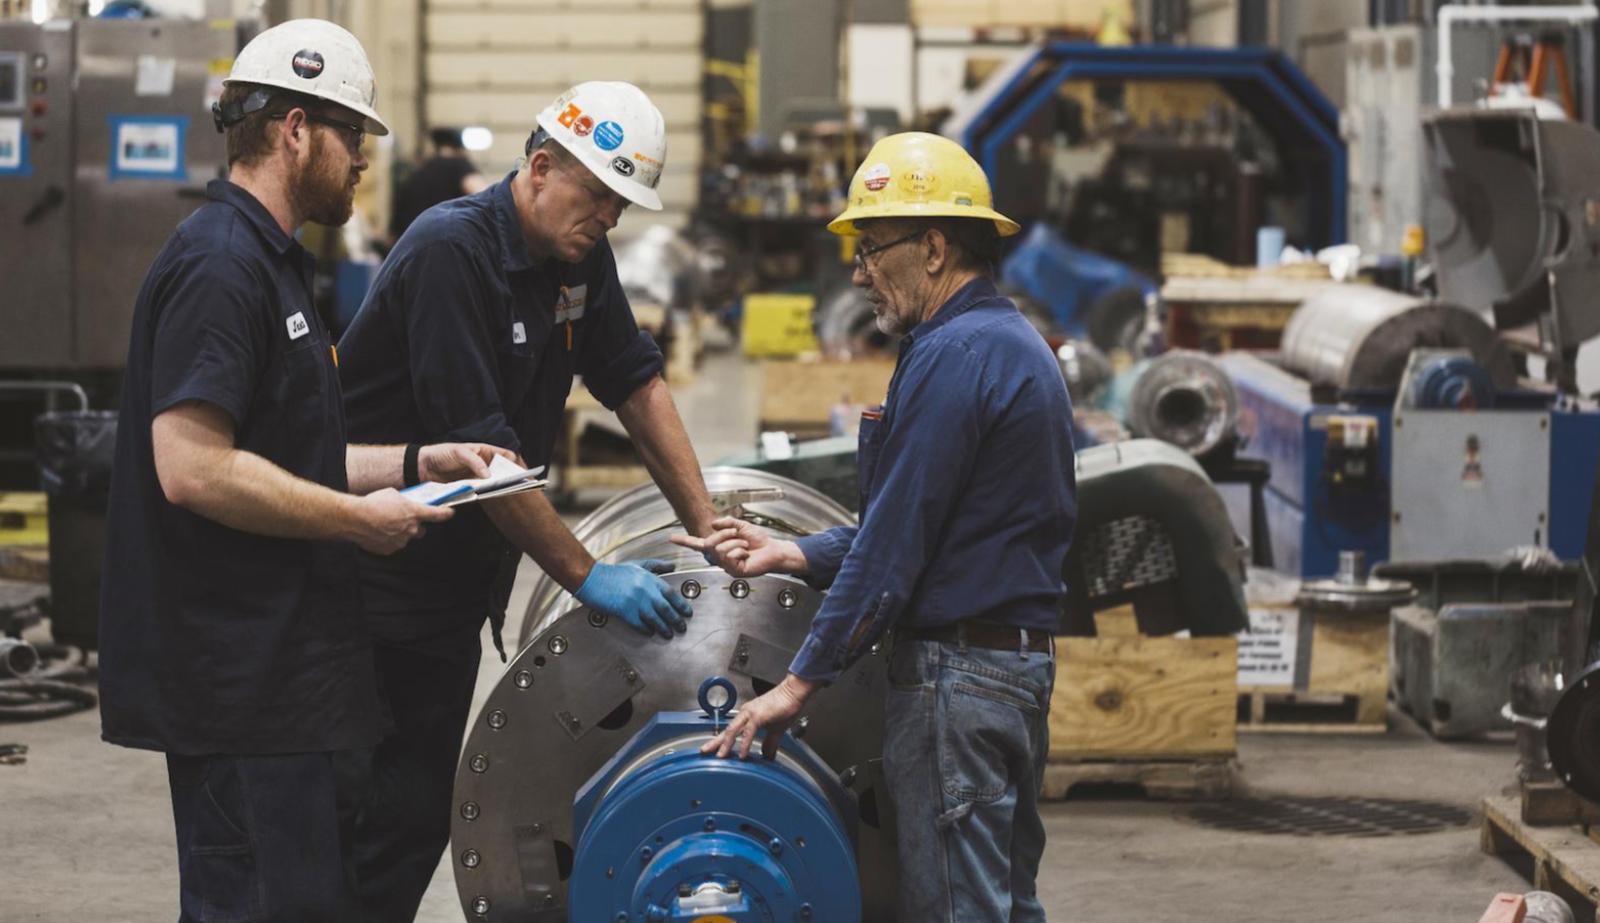 OEM Decanter Centrifuge Manufacturing Team